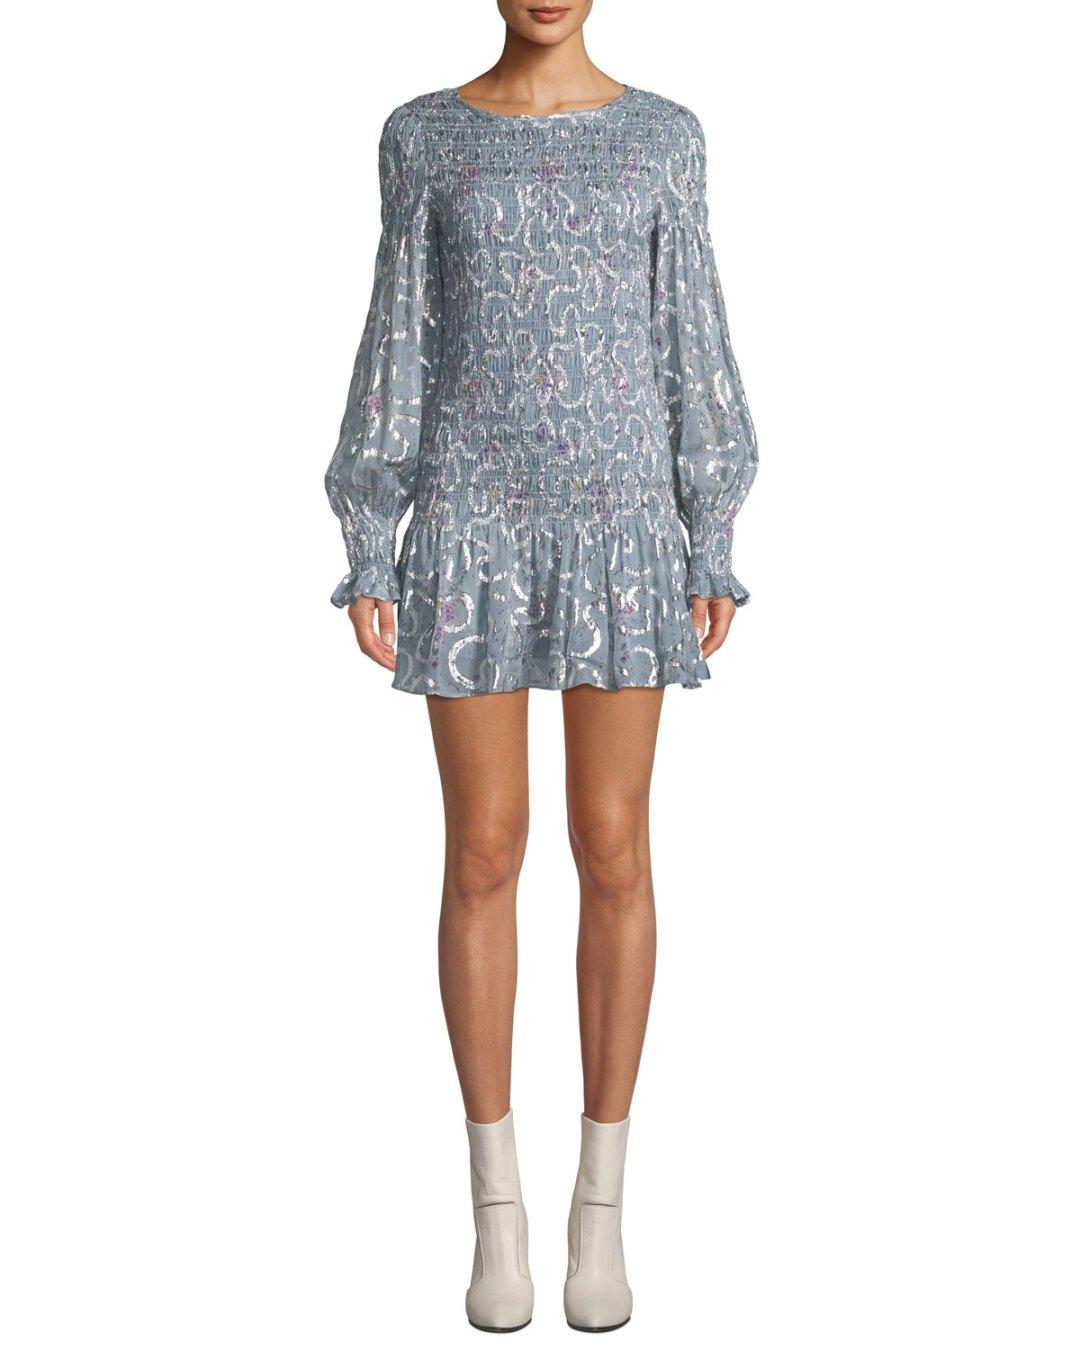 3fa22833d4d ...  498.00 – Neiman Marcus – Scarlett Smocked Metallic Mini Dress –  495.00